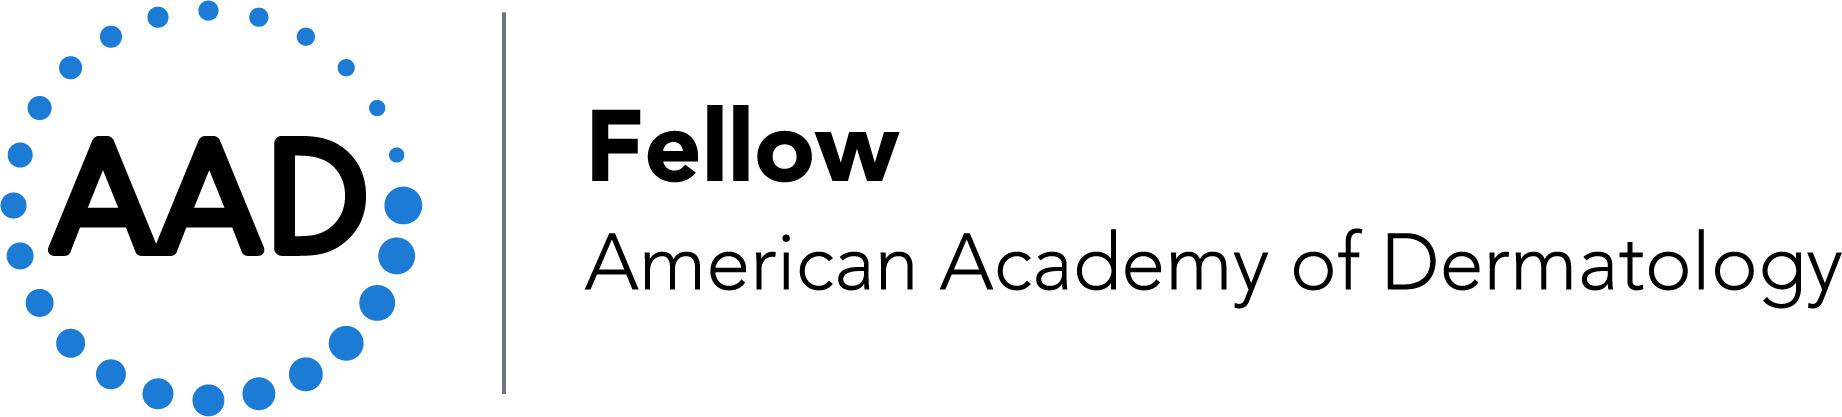 aad-fellow-logo